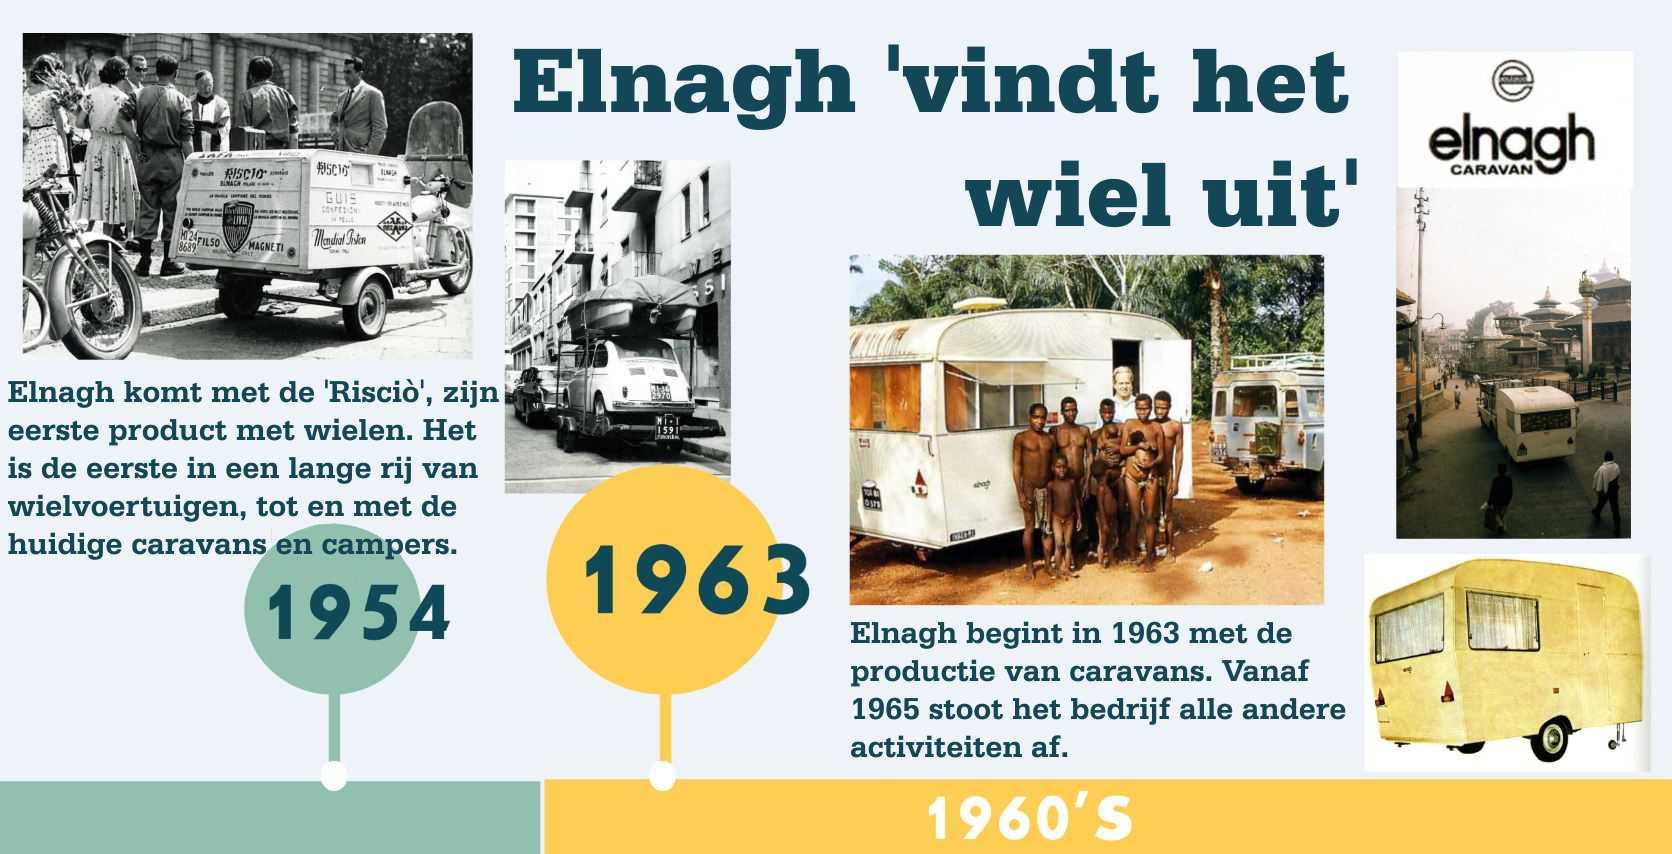 nl-slide-2.jpg